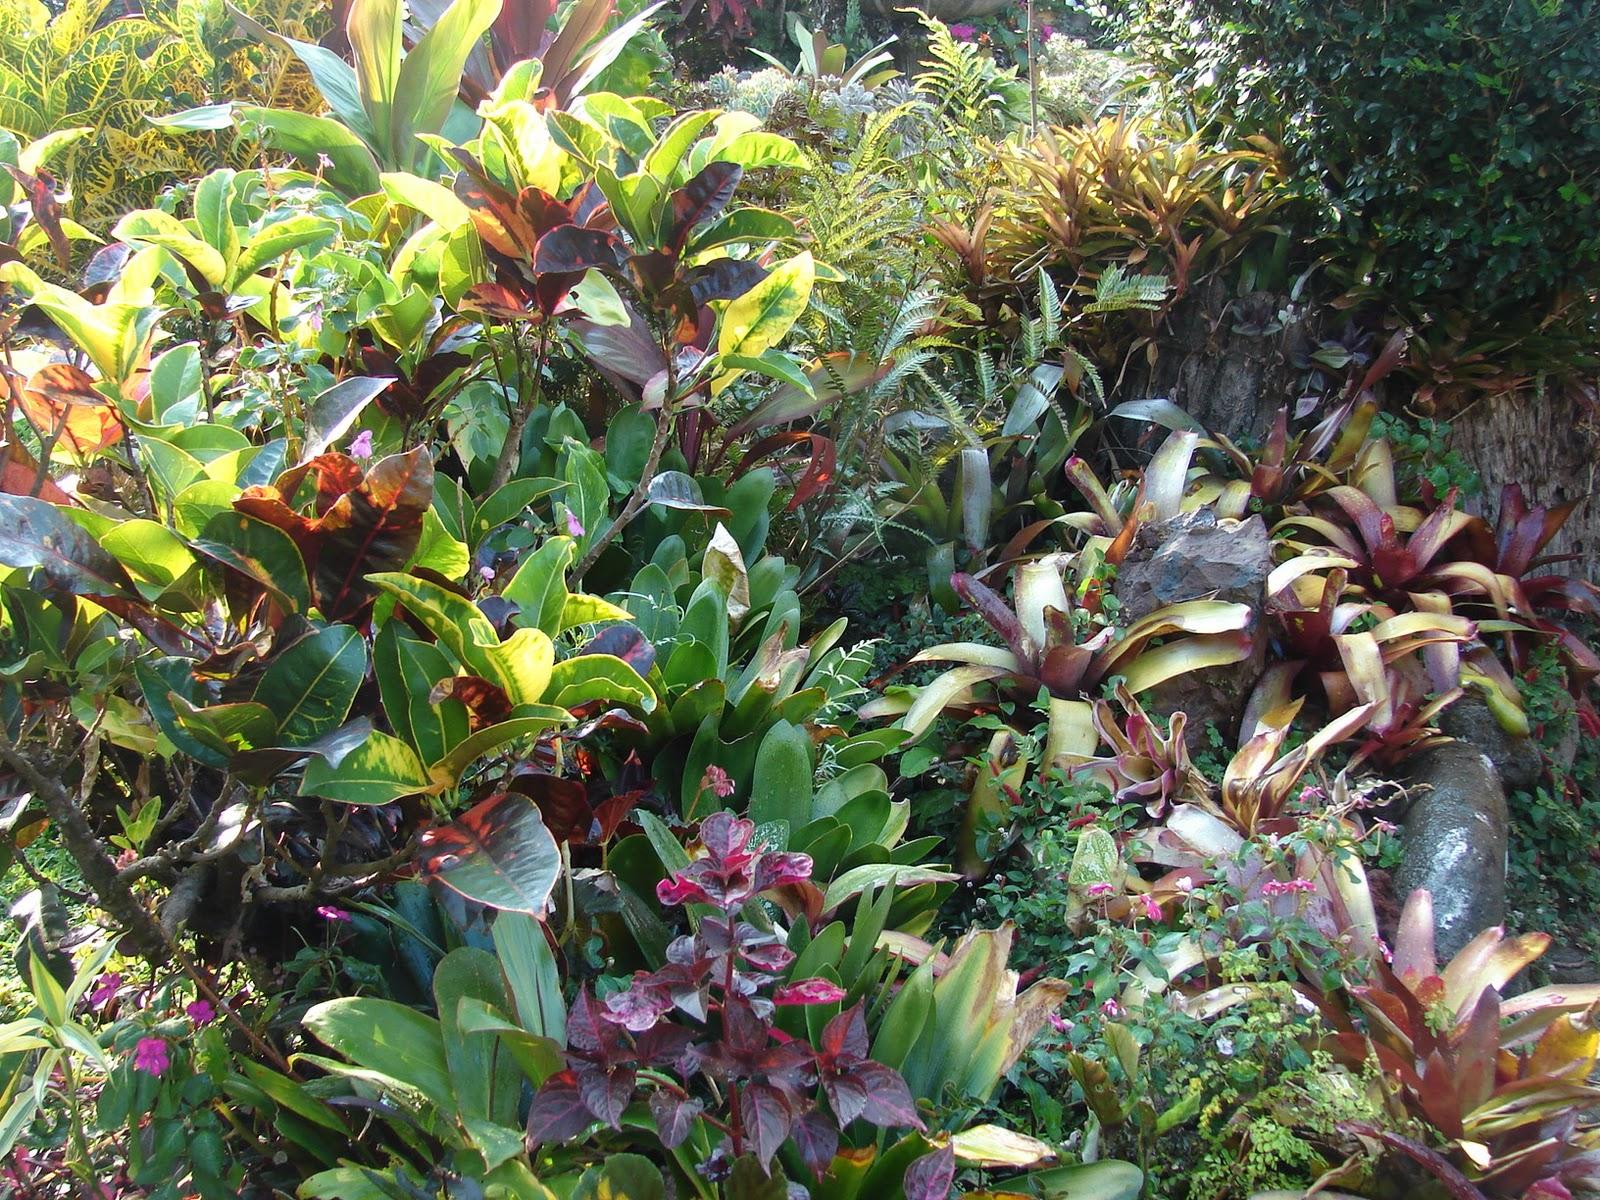 Paisajismo pueblos y jardines febrero 2011 - Plantas tropicales para jardin ...